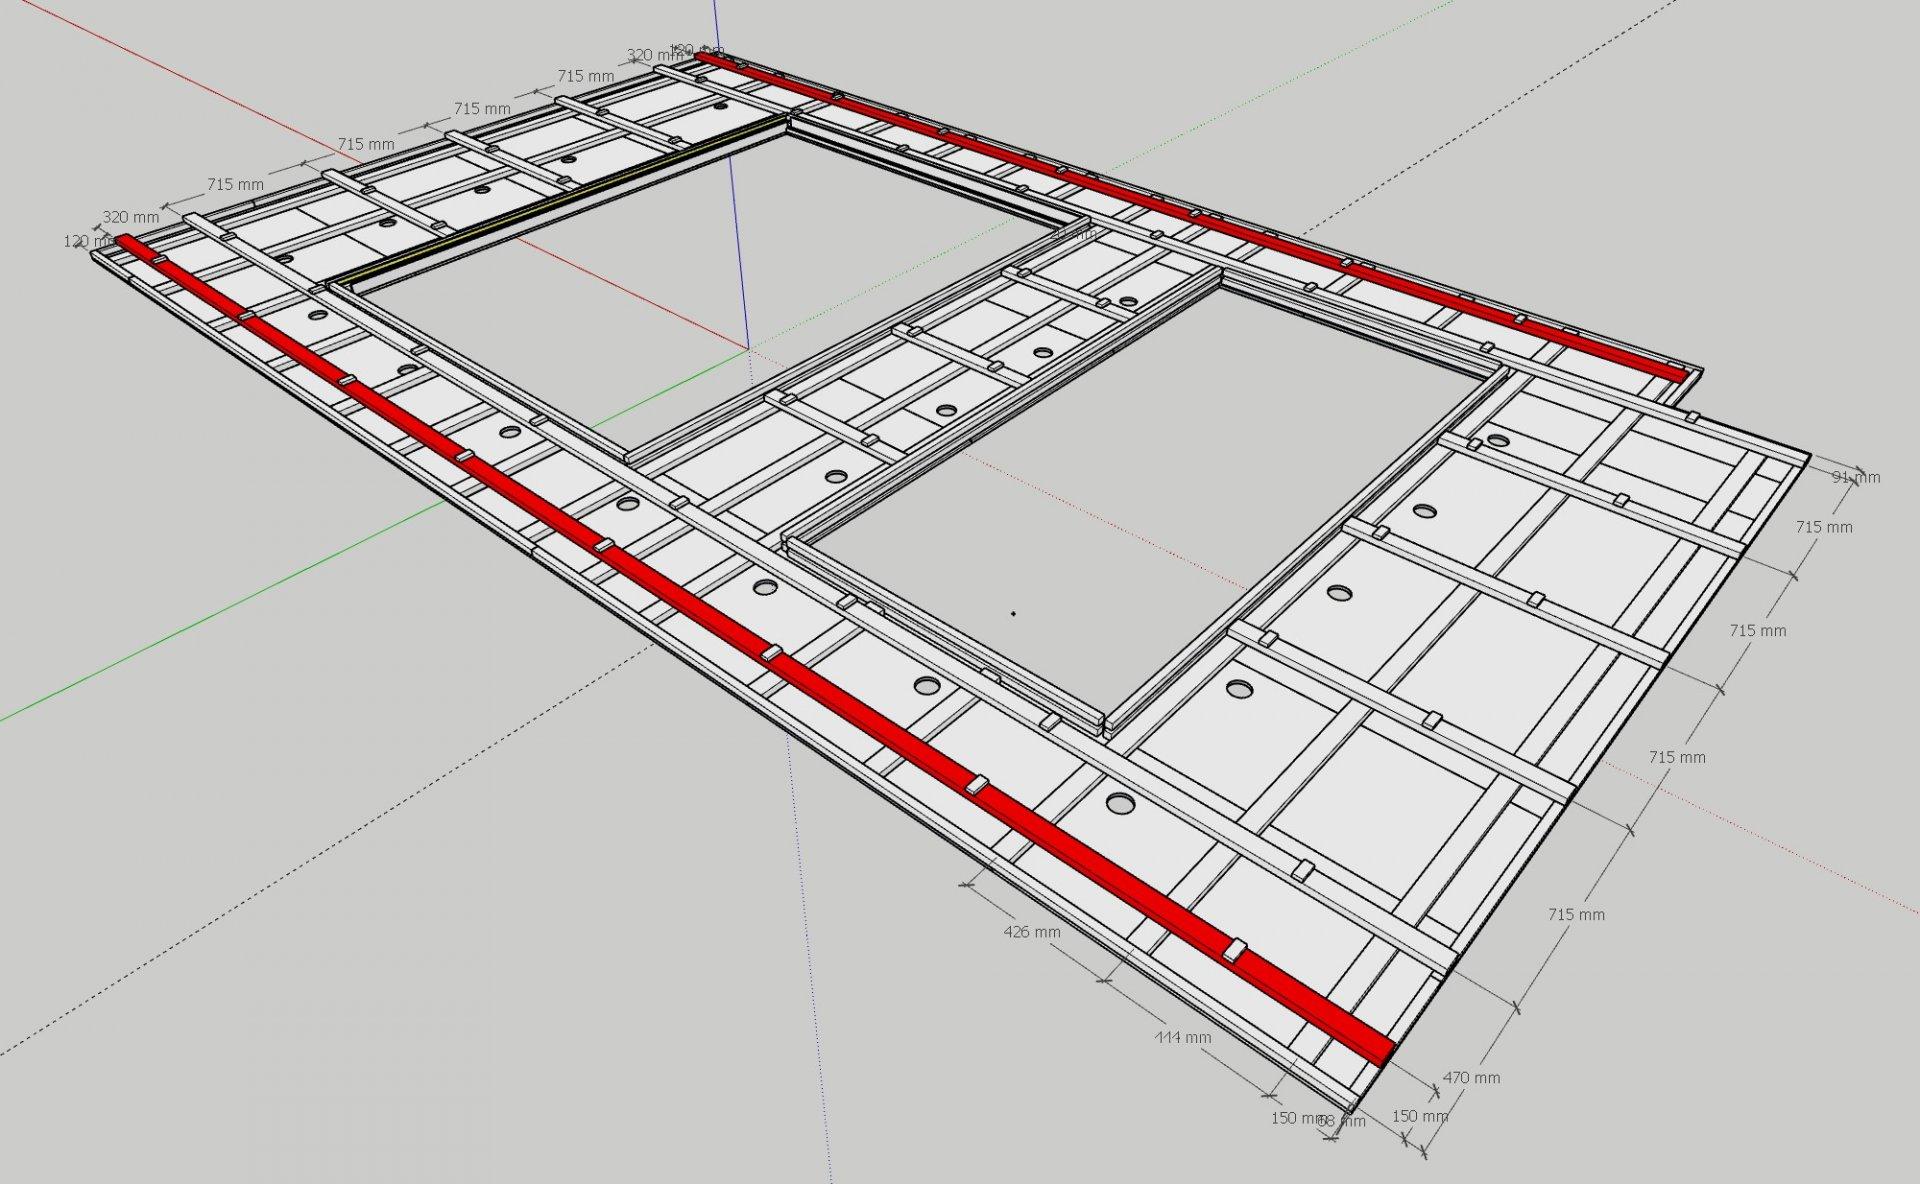 Planung Decke Abstände 2.jpg